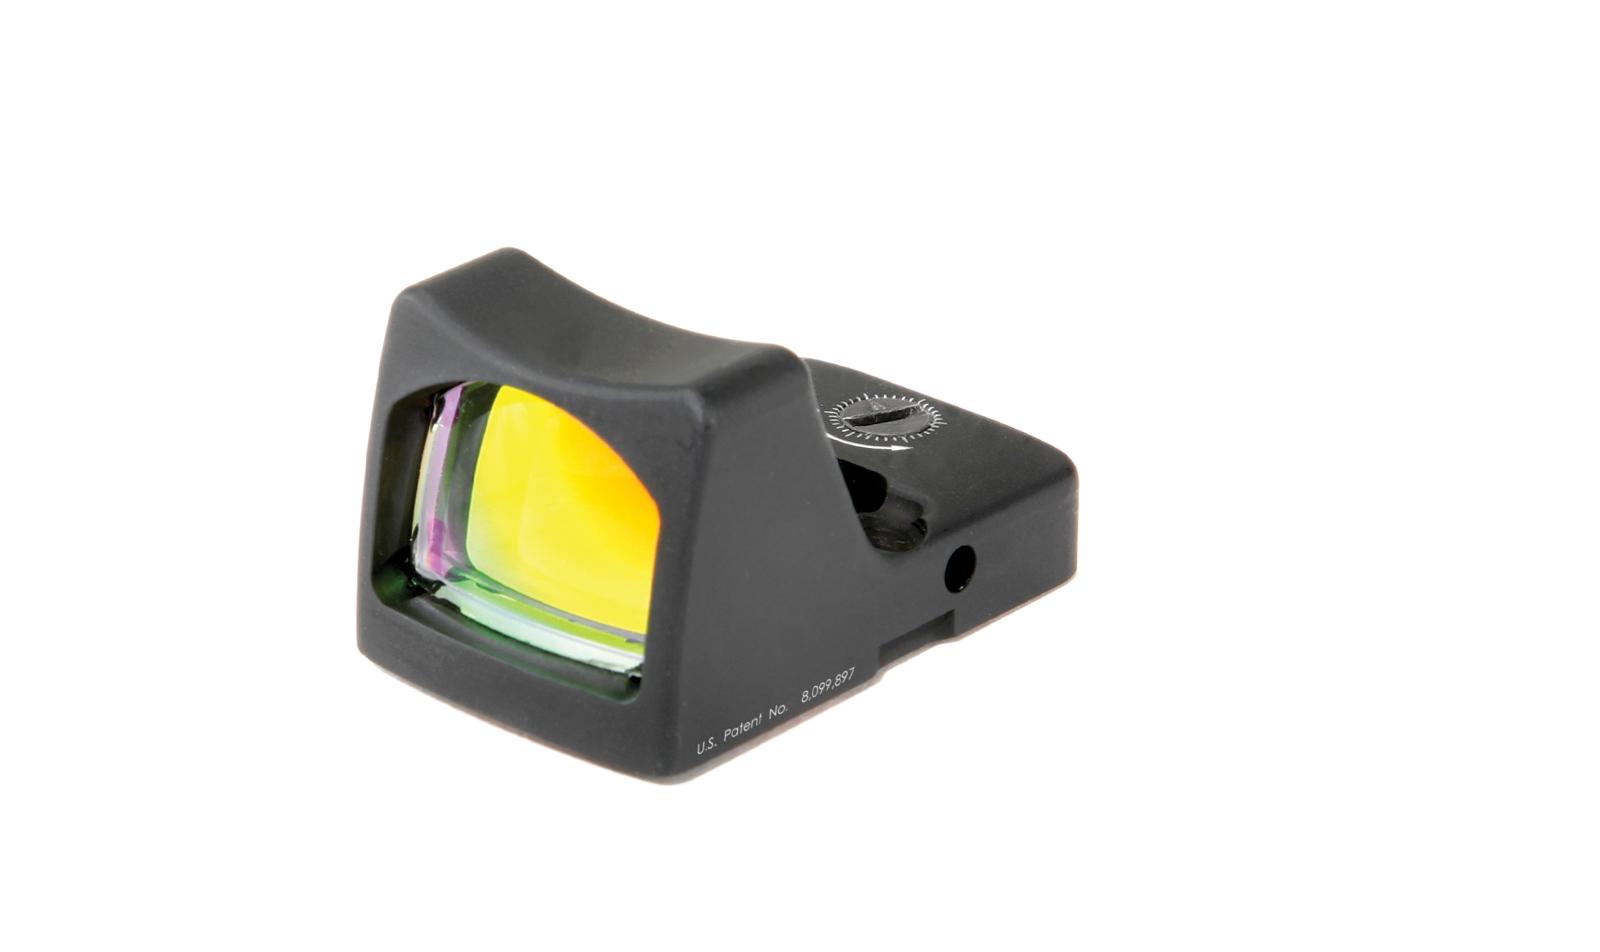 RM02-C-700607 angle 1